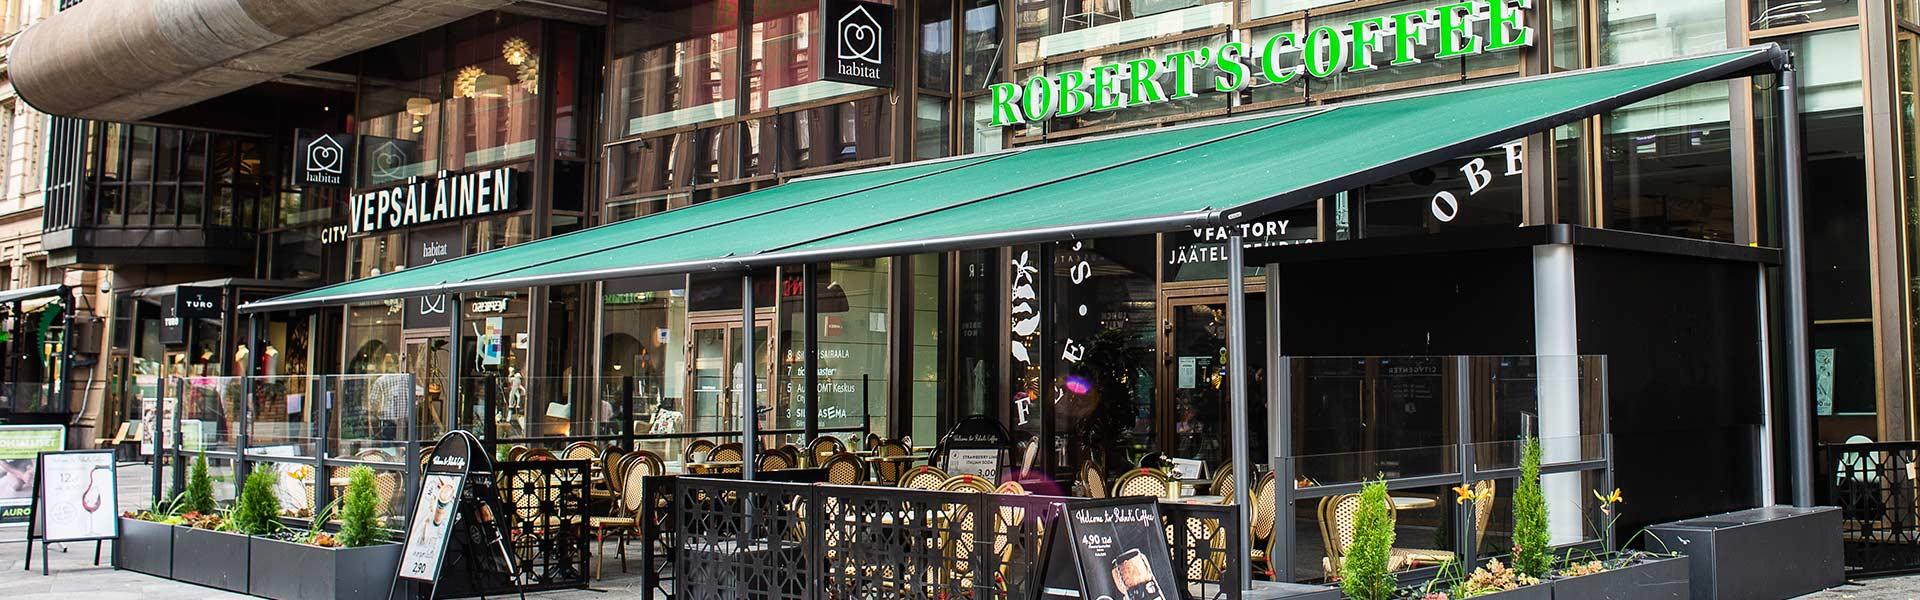 Terassimarkiisit markiisit yritykselle ravintolalle terassille kahvilalle